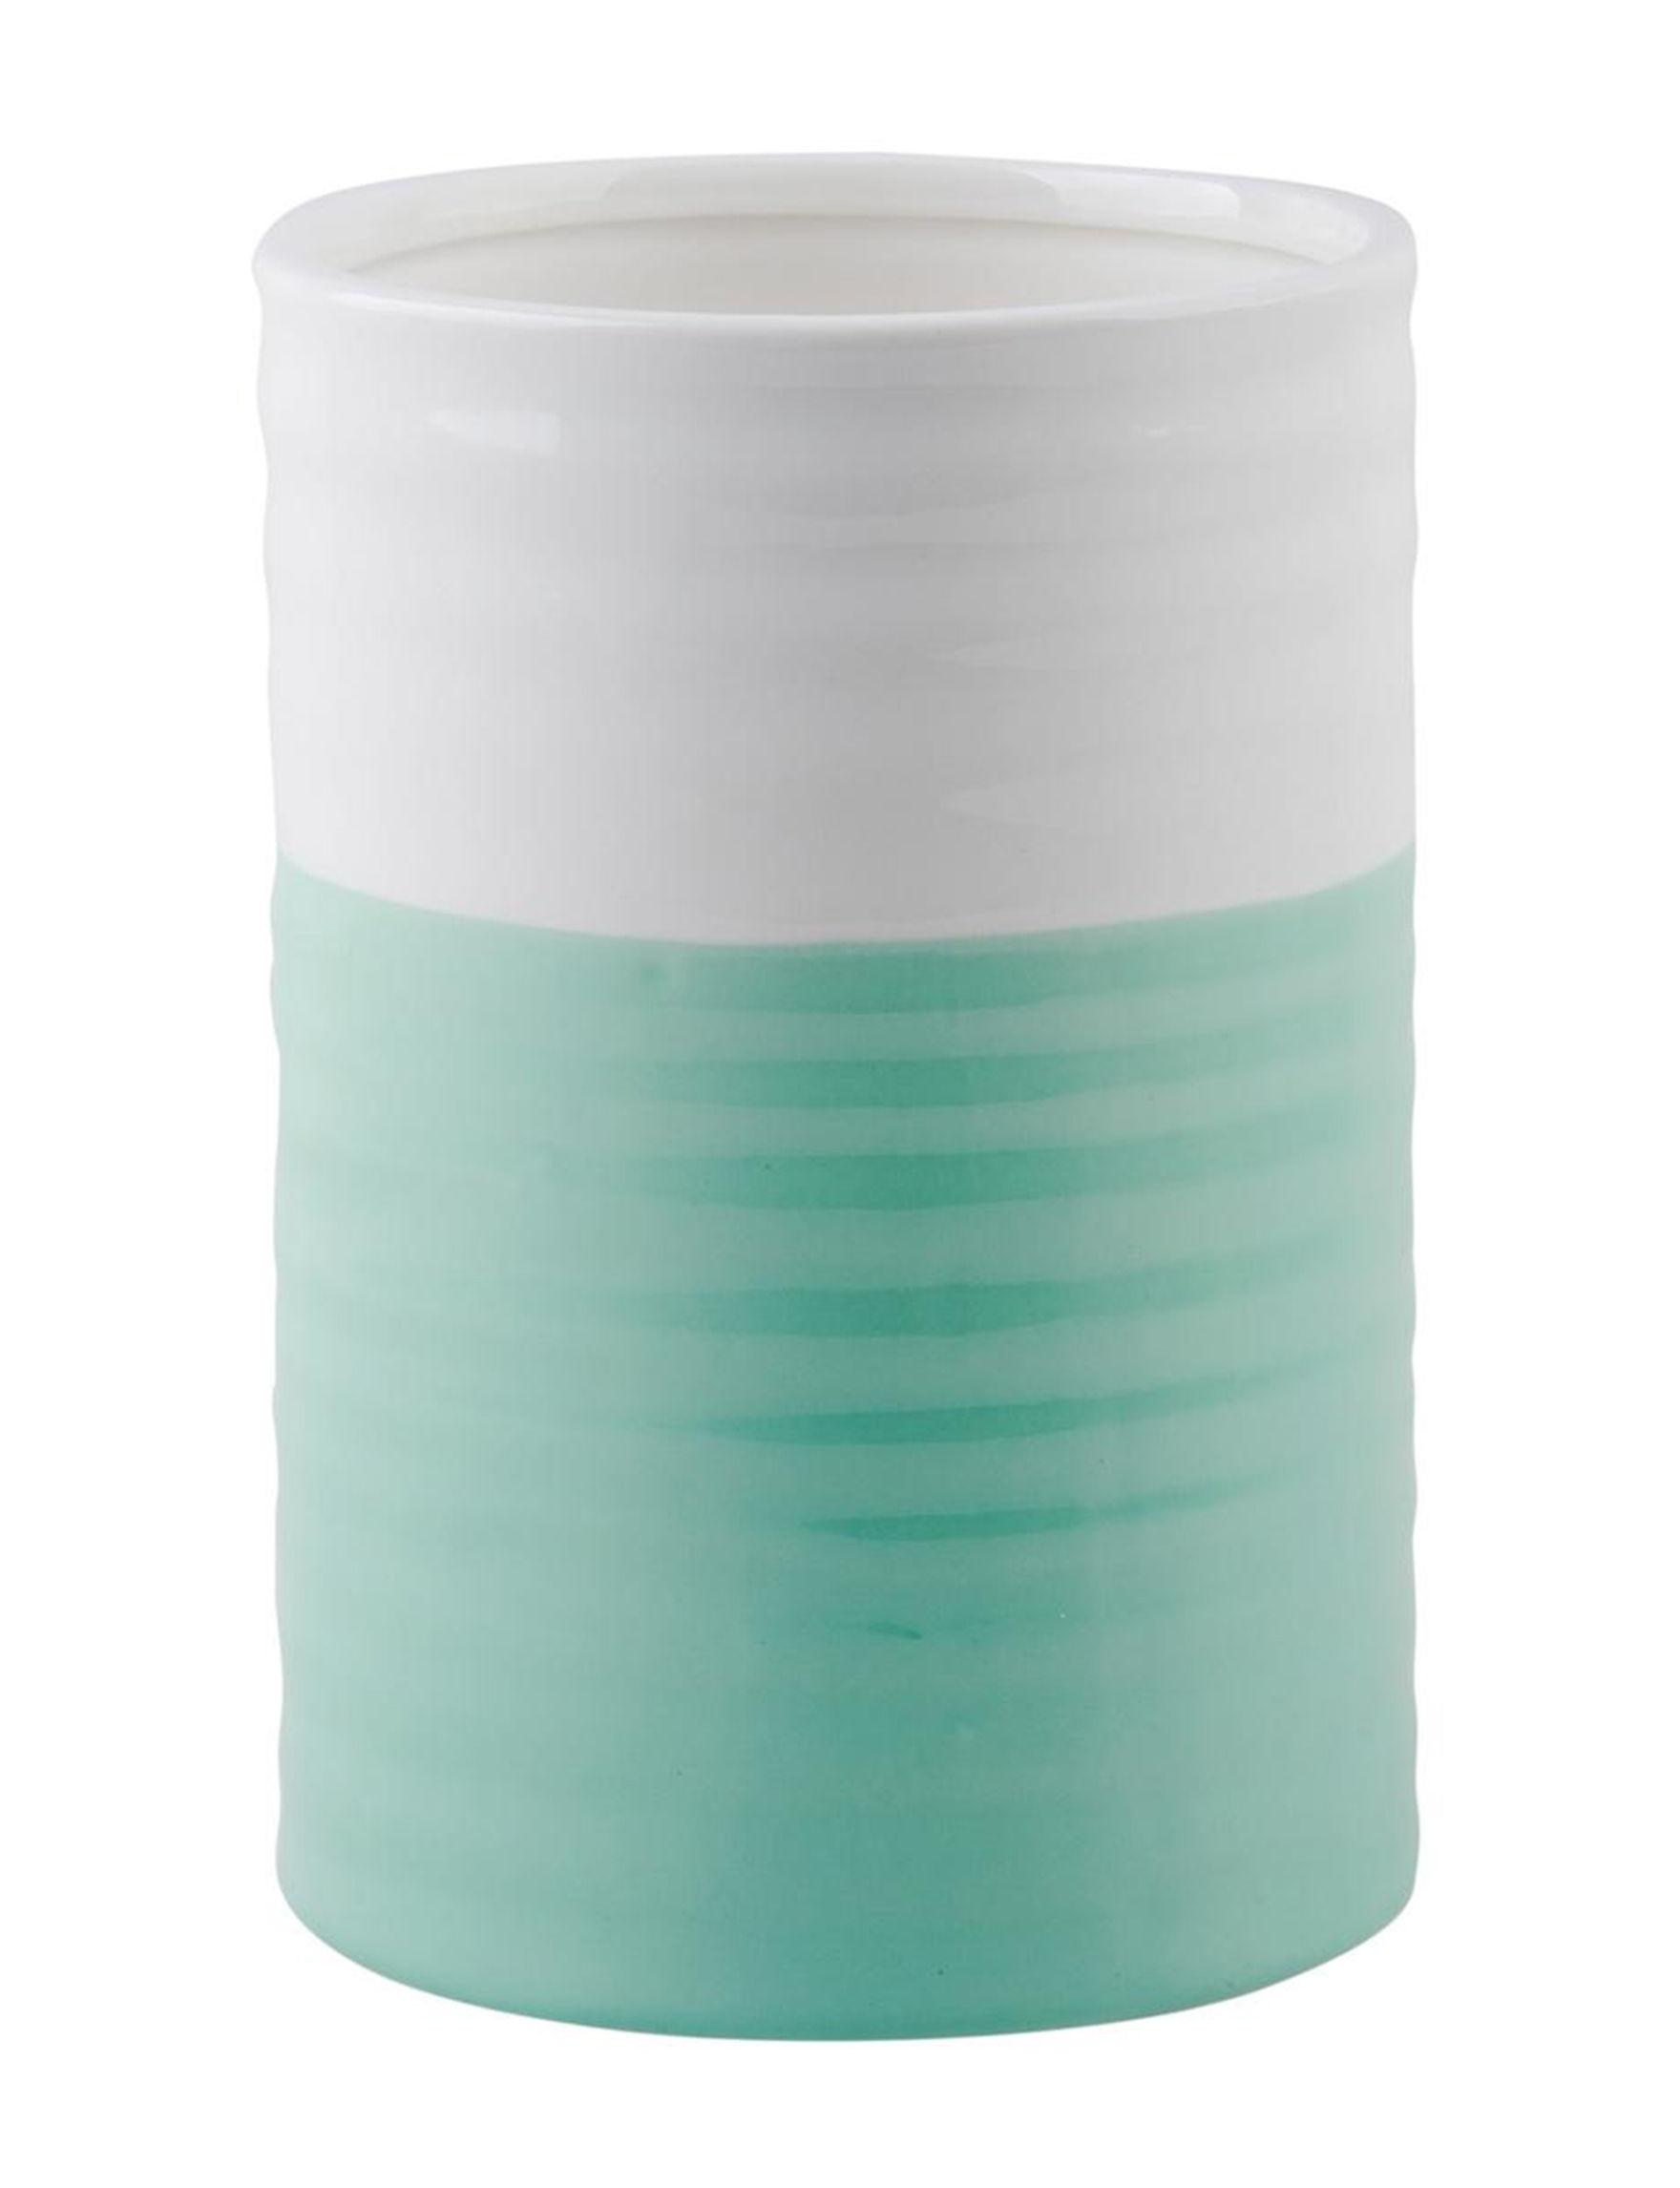 Home Essentials Mint / White Kitchen Storage & Organization